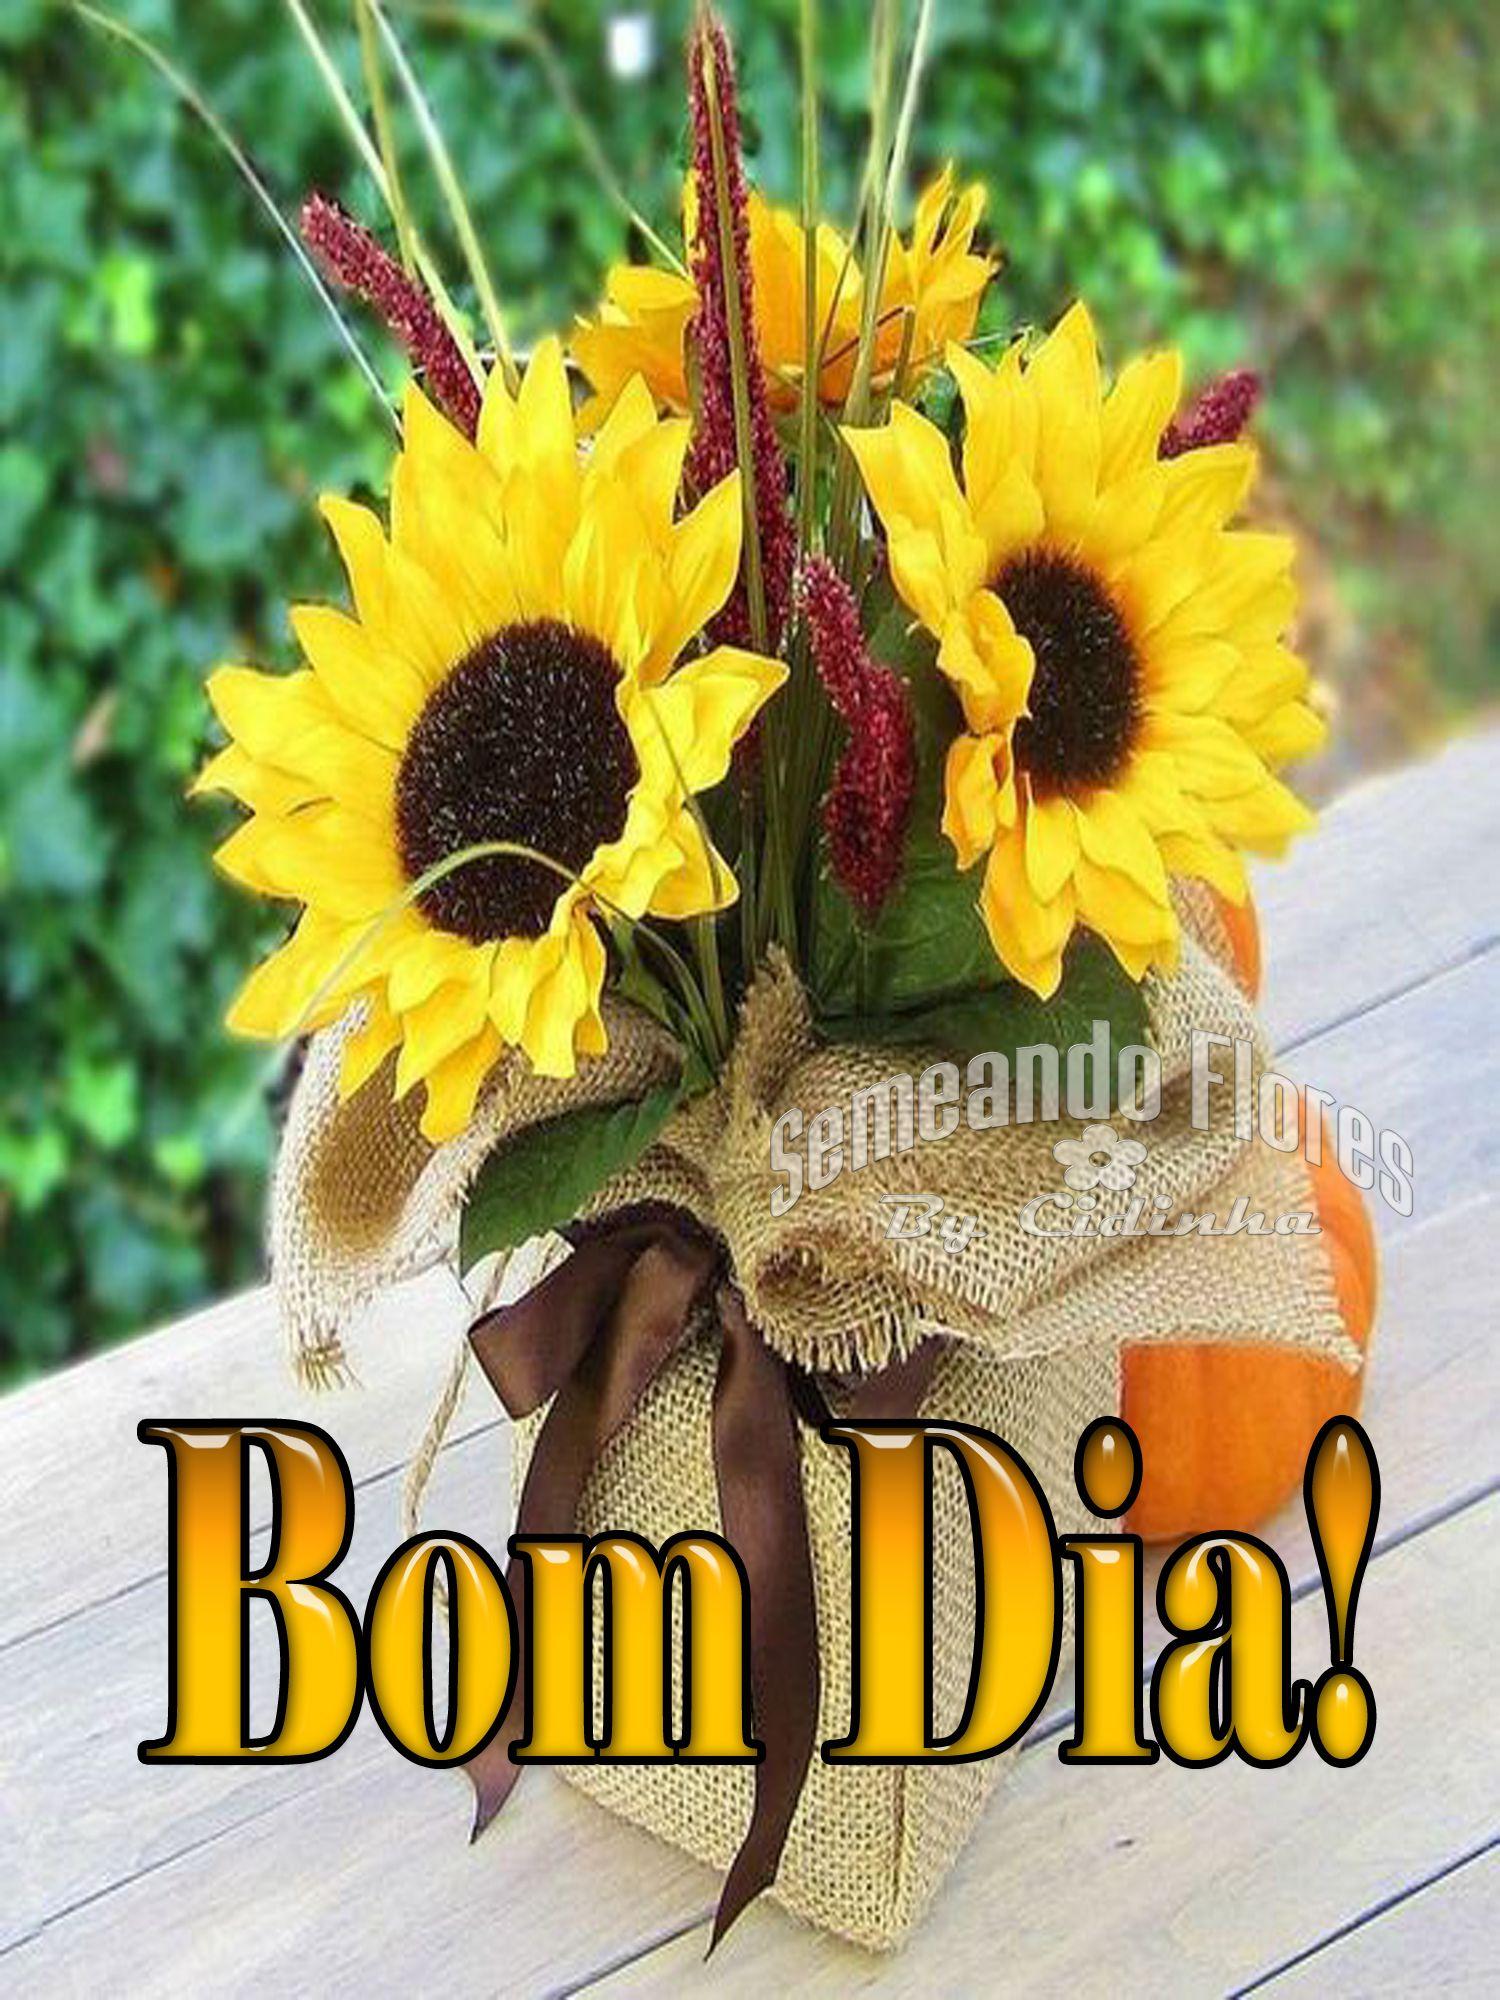 Pin De Cidinha Nobrega Em Semeando Flores 6 Mensagens De Bom Dia